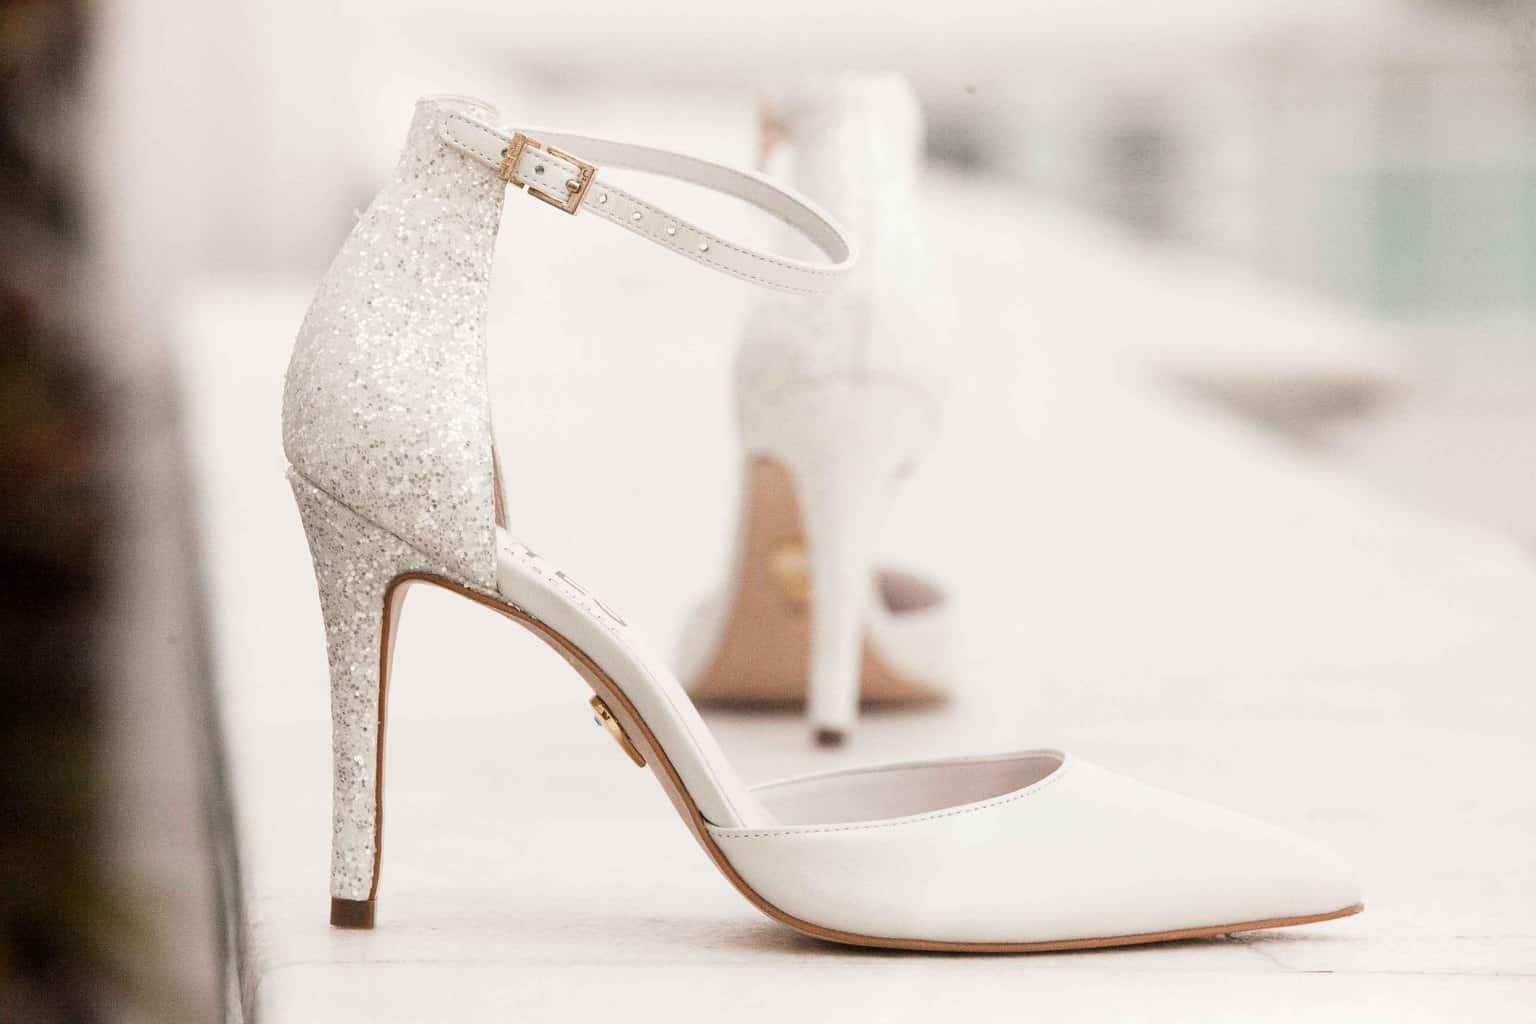 Casamento-Clássico-Casamento-tradicional-Copacabana-Palace-Jorge-Bischoff-Making-of-Monica-Roias-Ribas-Foto-e-Vídeo-Sapato-Tuanny-e-Bernardo-CaseMe